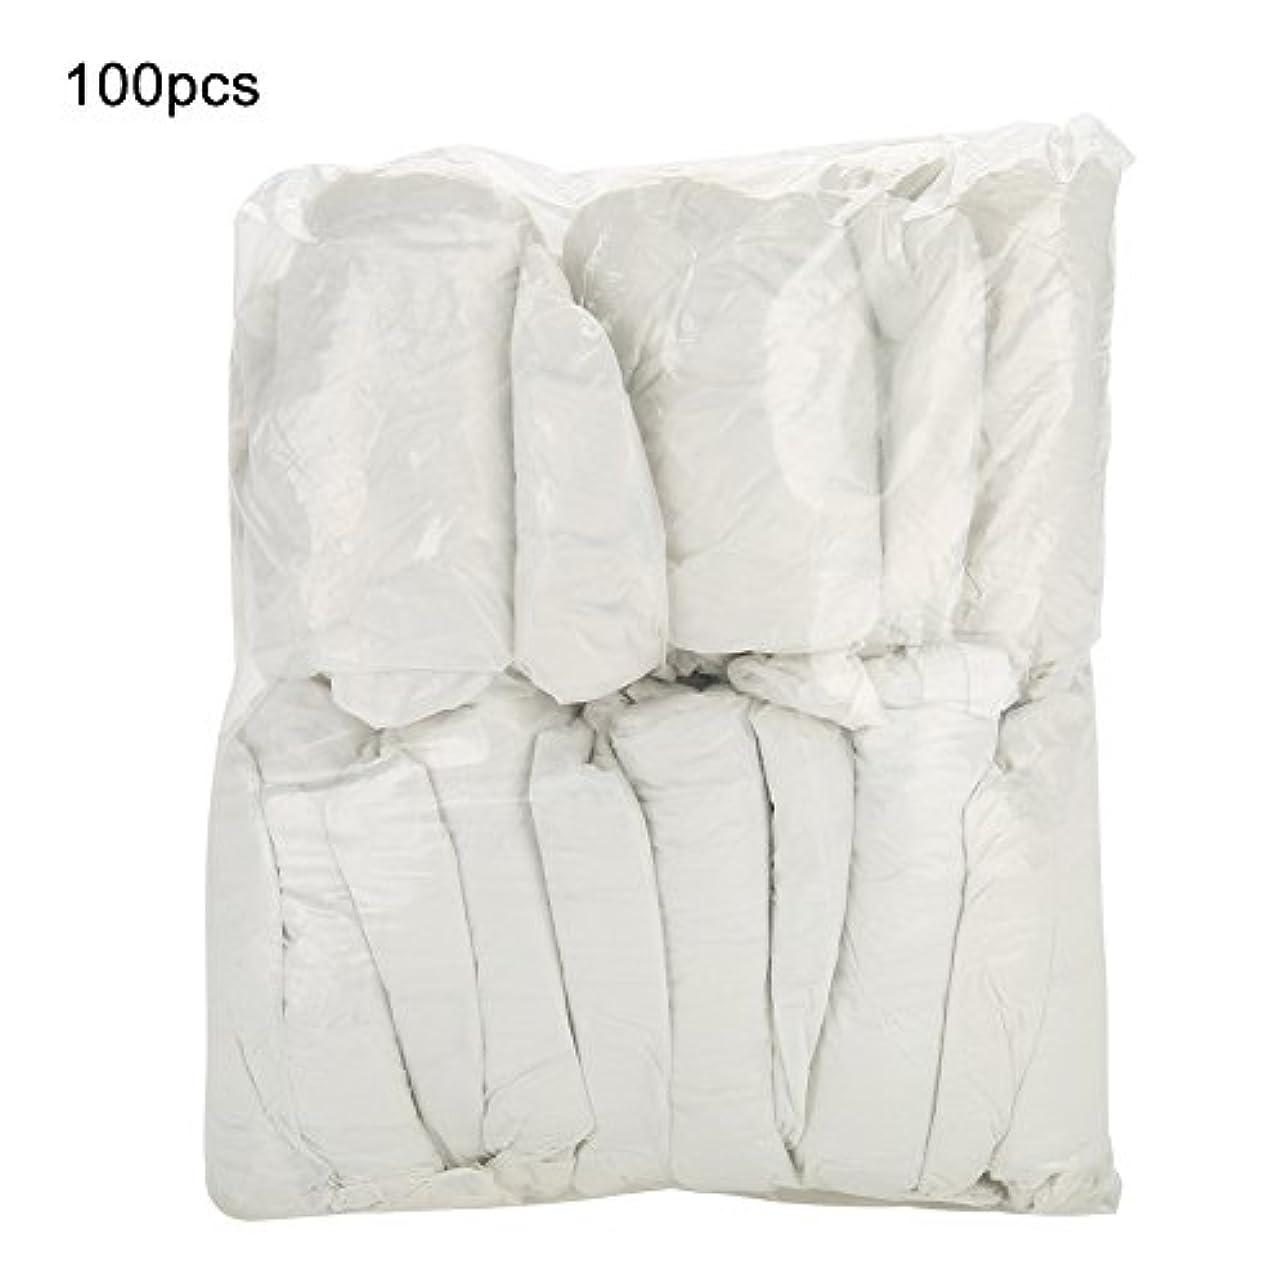 抽象化社交的効能あるSemme 100pcs / bag使い捨てPlasticTattooスリーブ、滅菌タトゥーアームスリーブスリーブレットカバー保護